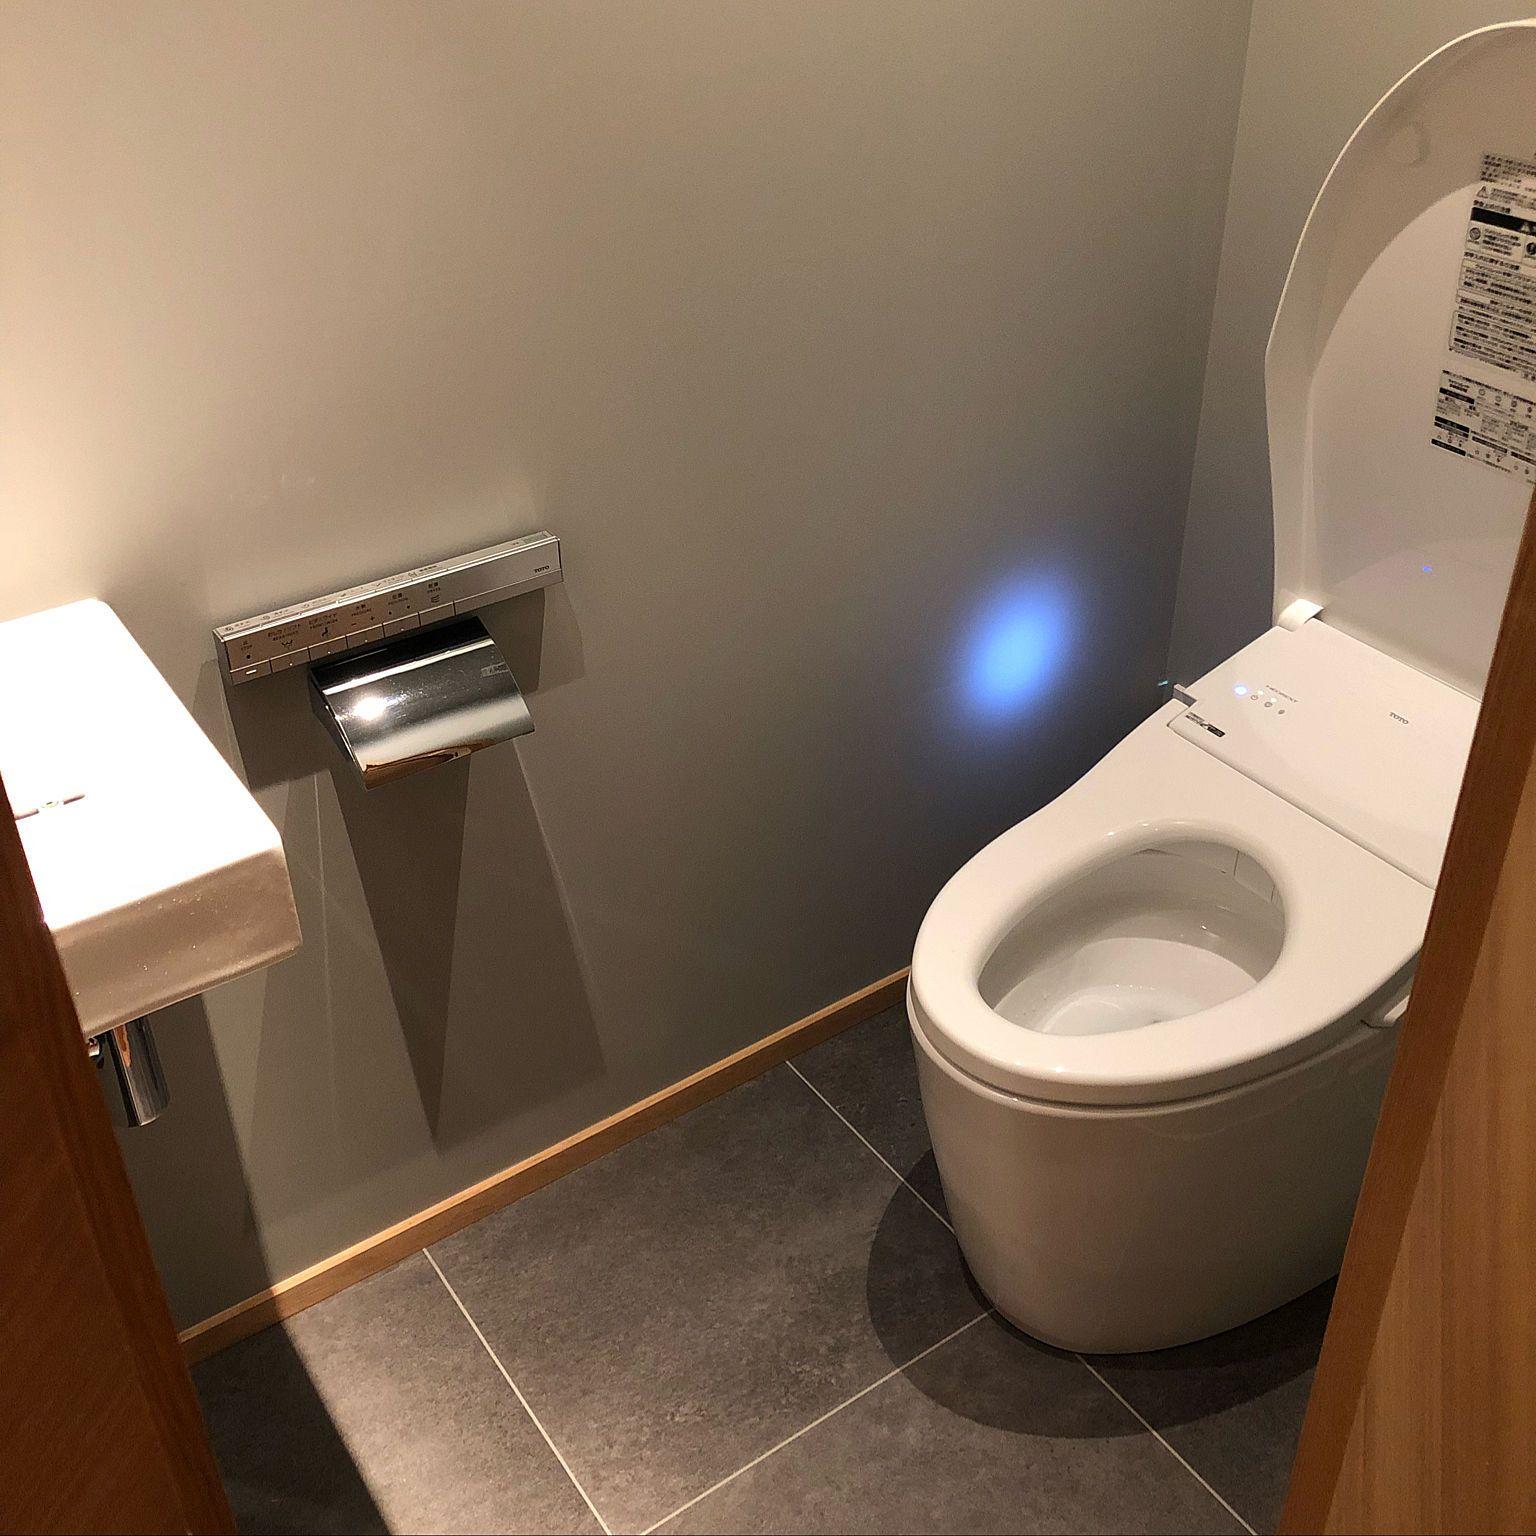 バス トイレ 手洗い付 ネオレストnw1 Totoネオレスト スティック